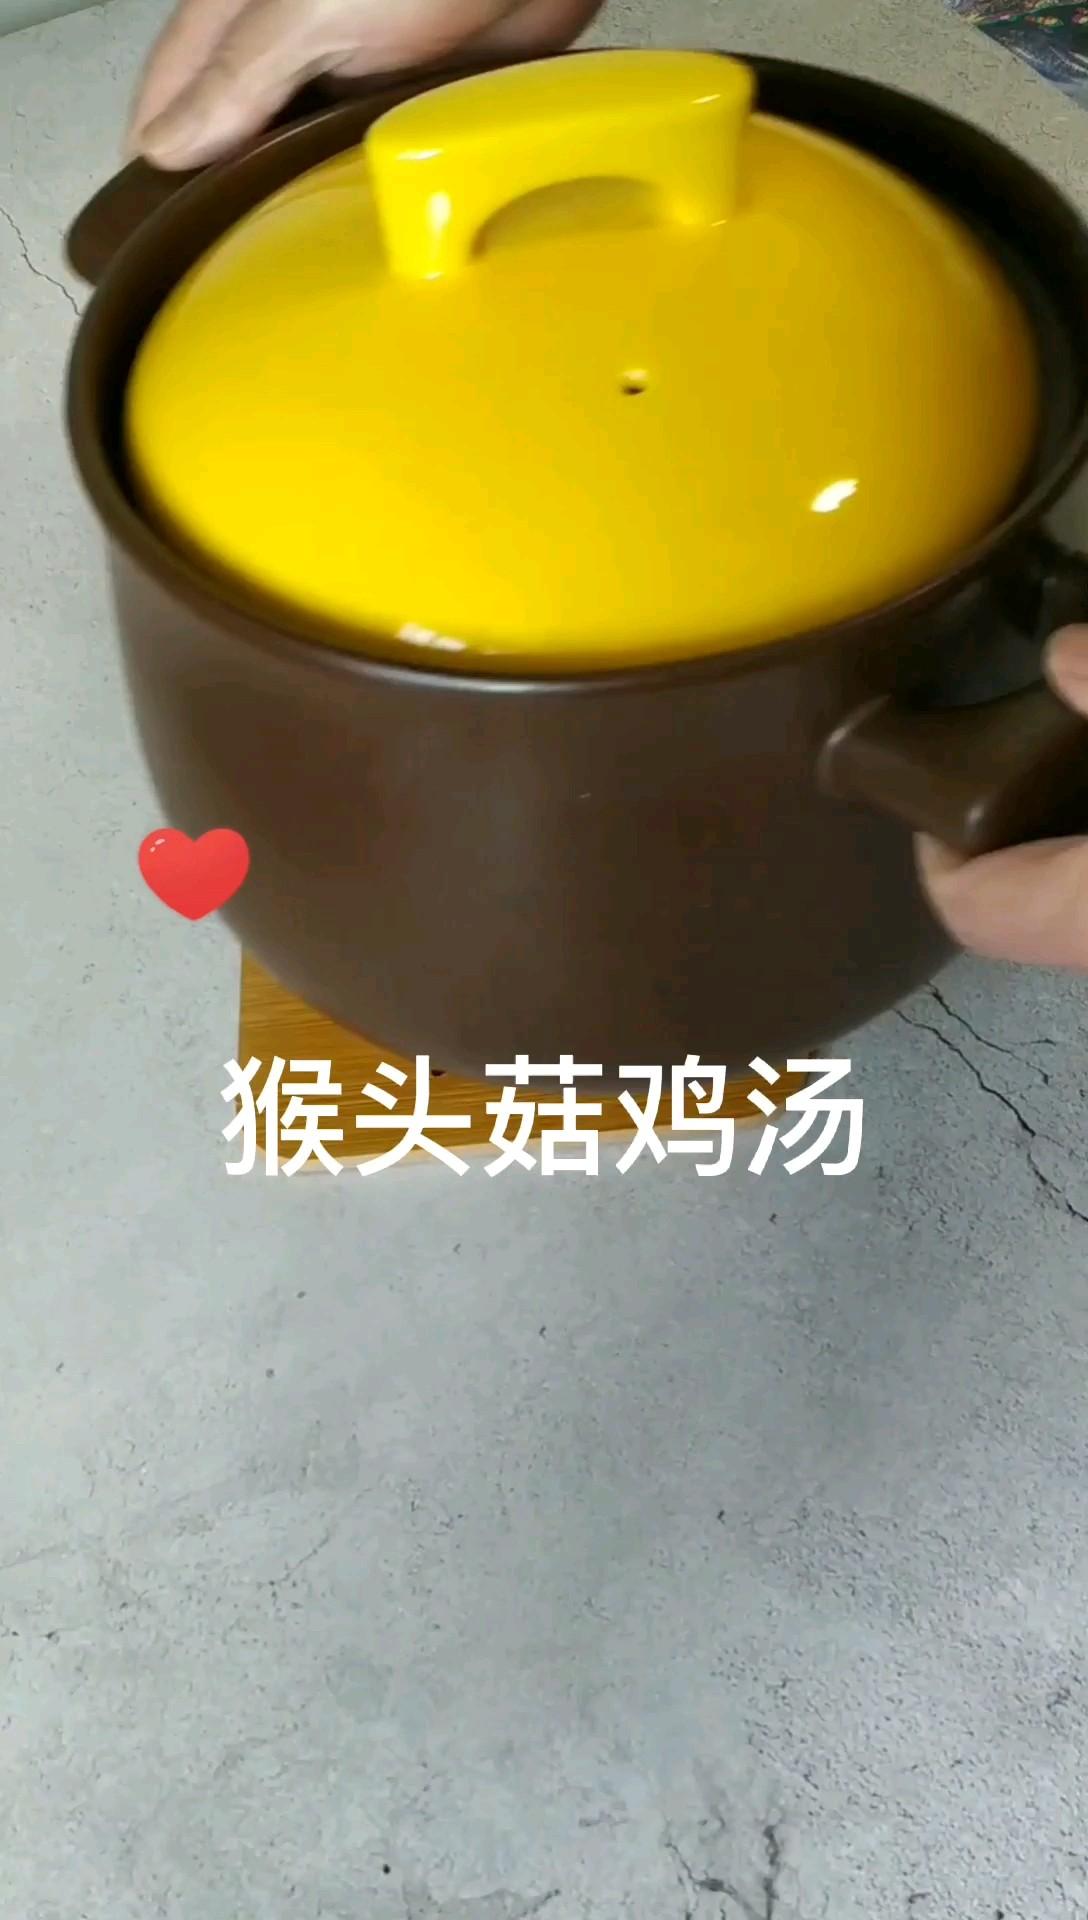 #最美不过中秋味#暖身养胃煲一锅